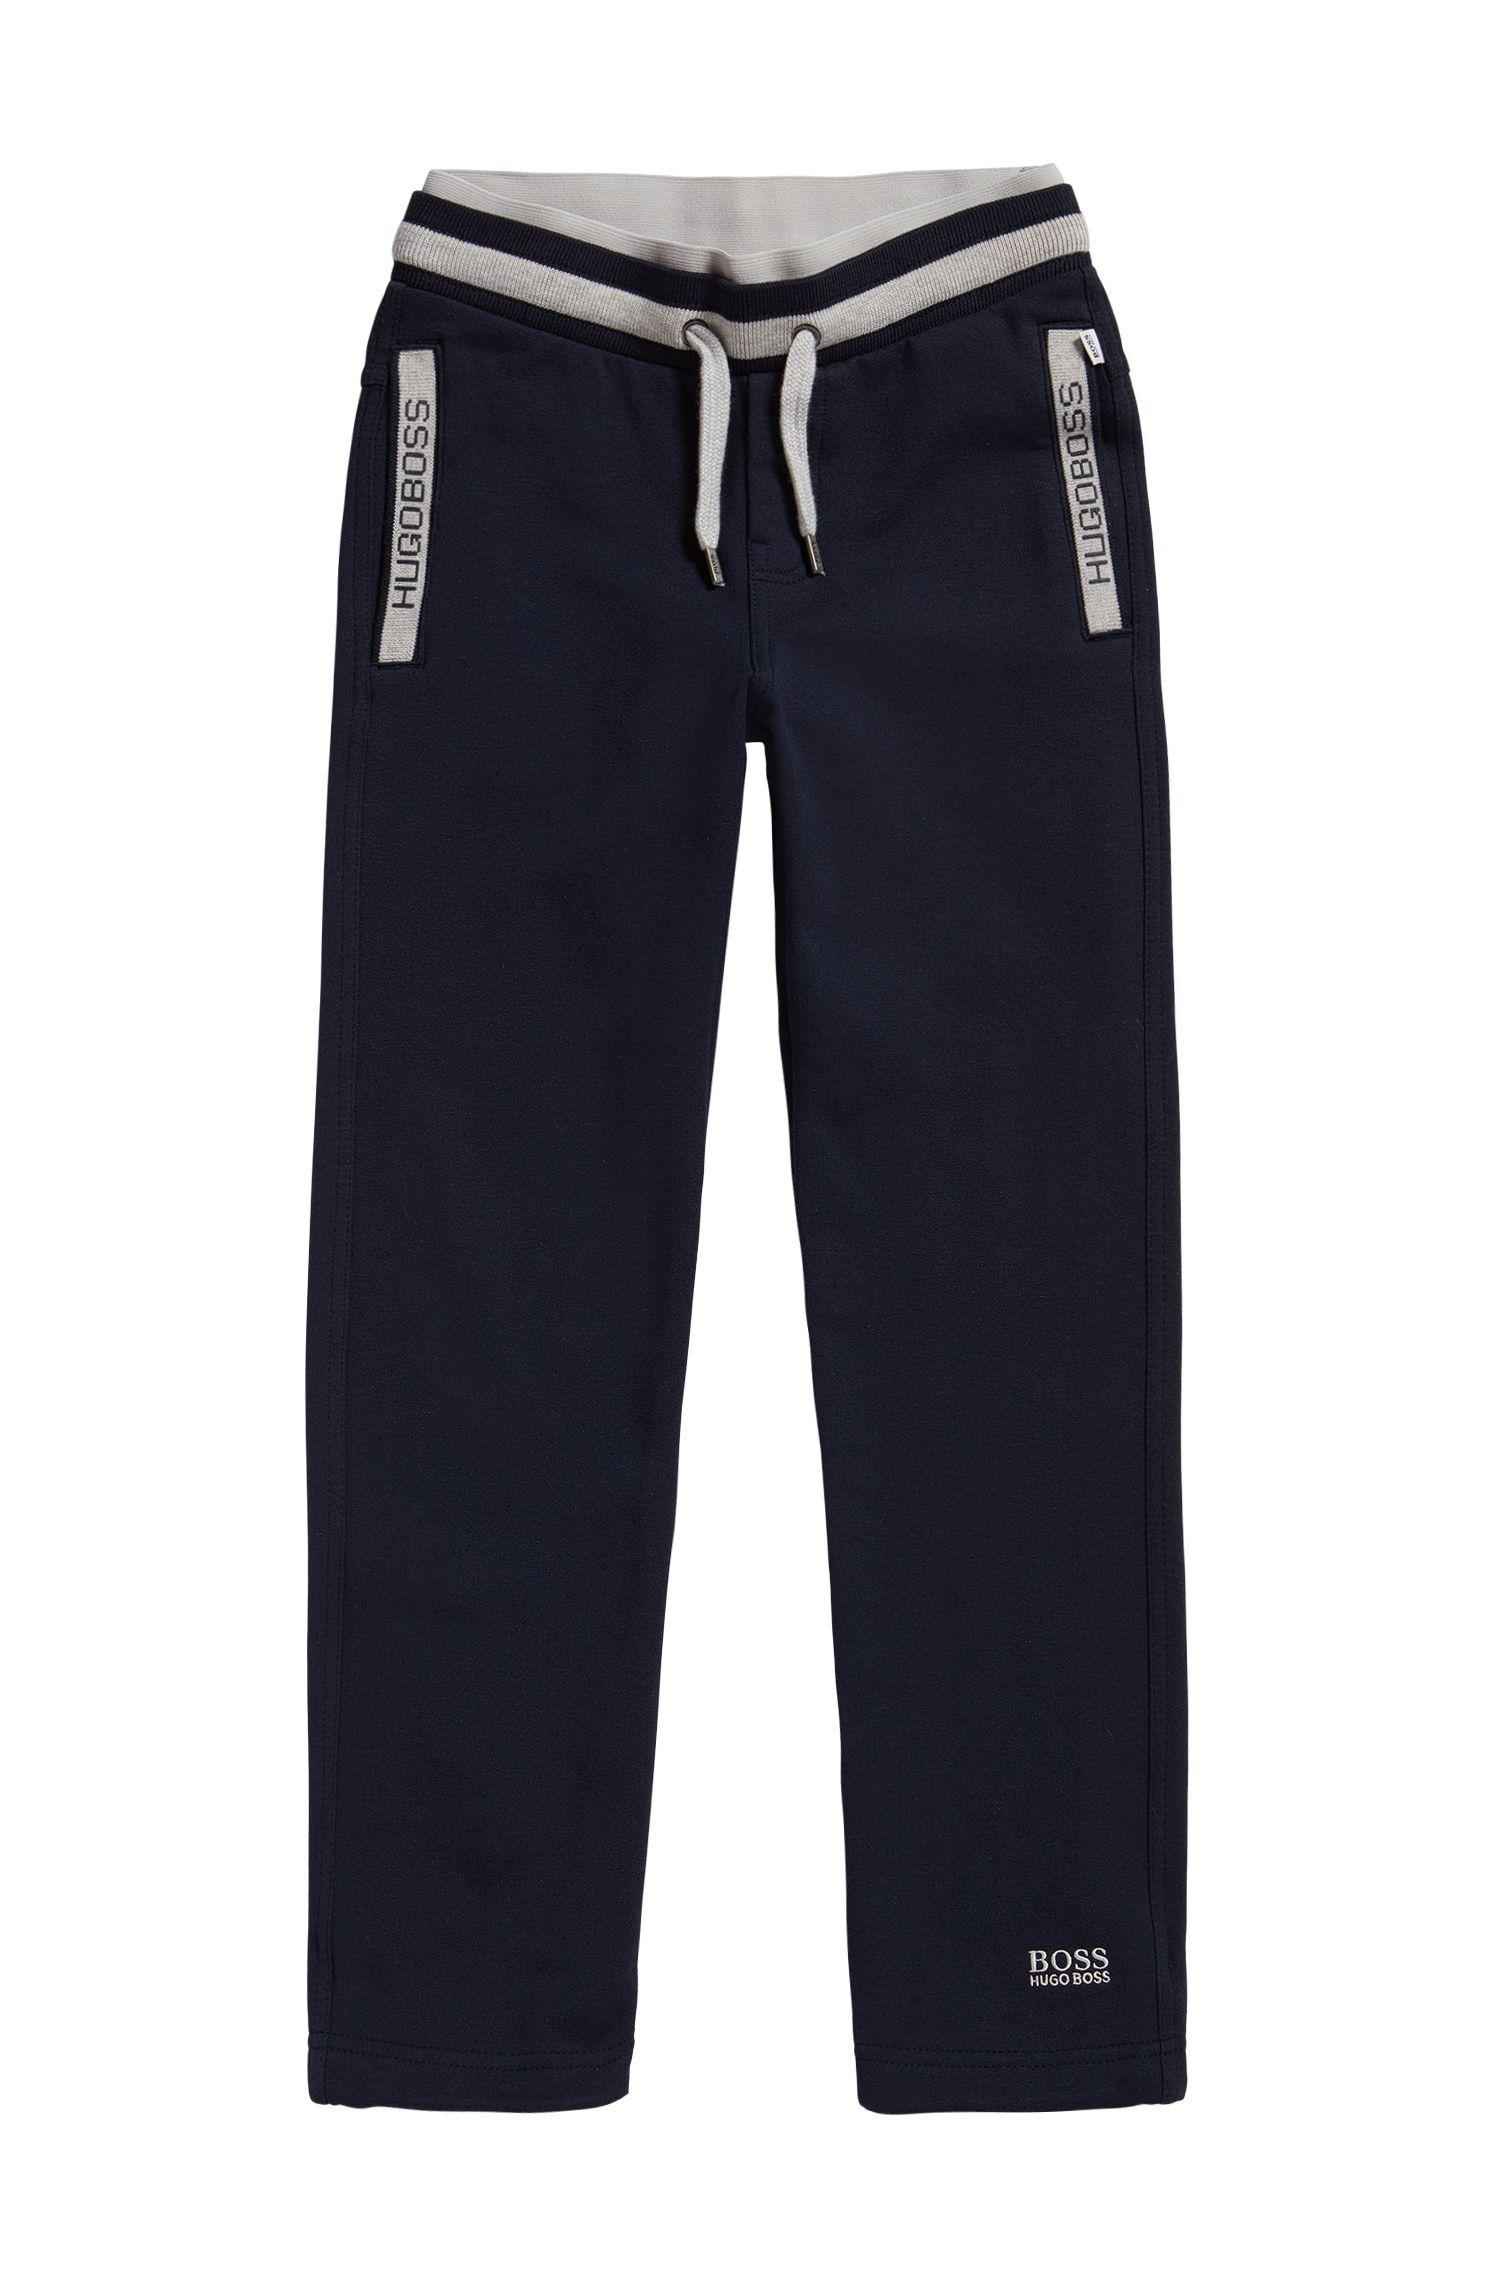 Pantalon molletonné pour enfant en coton mélangé extensible, avec cordon de serrage: «J24414»